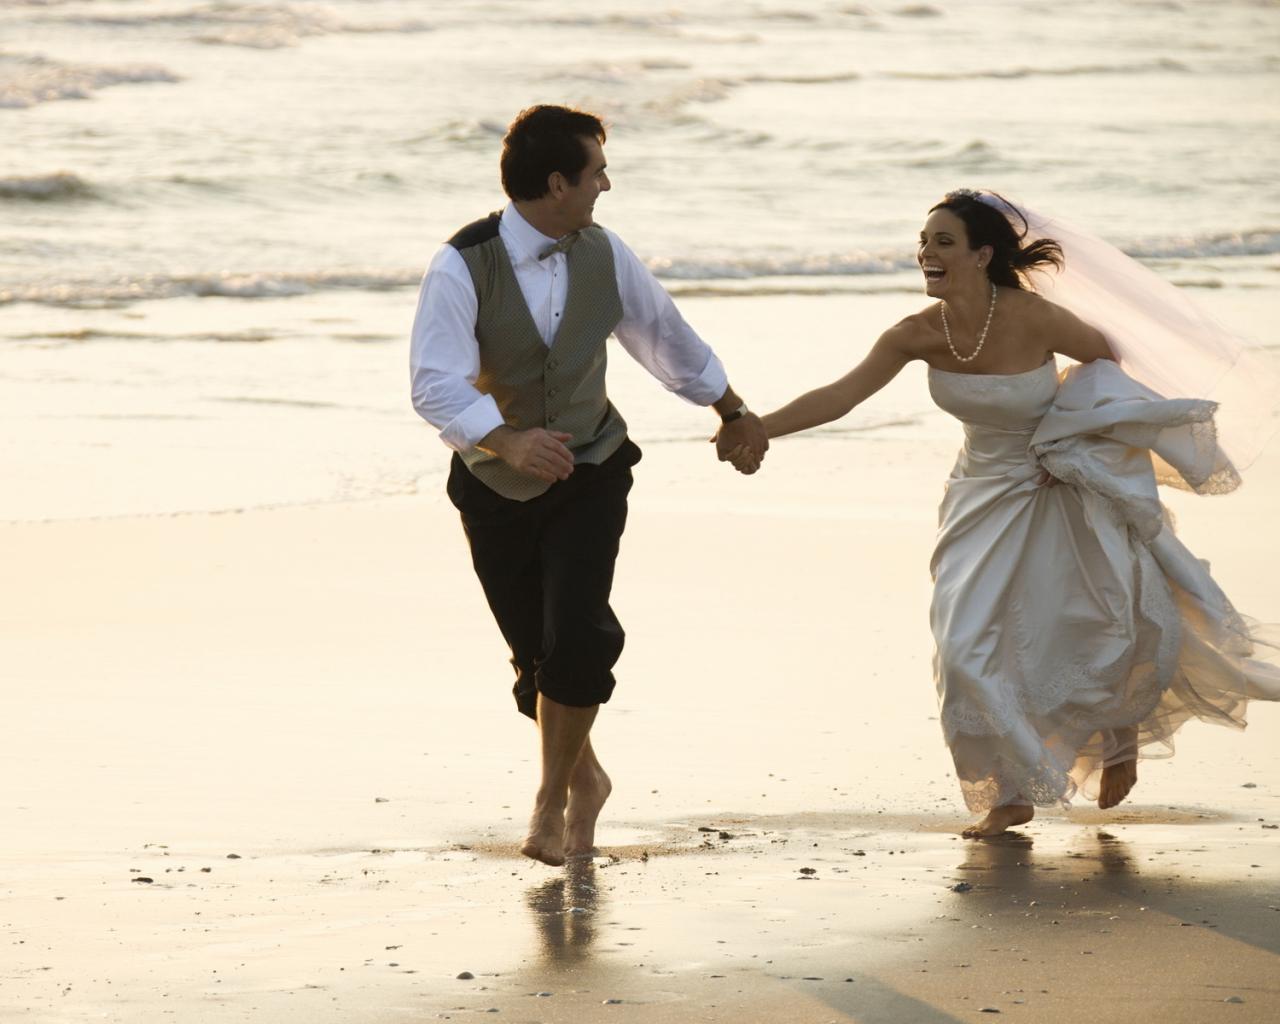 Свадьба любовь чувства молодожены